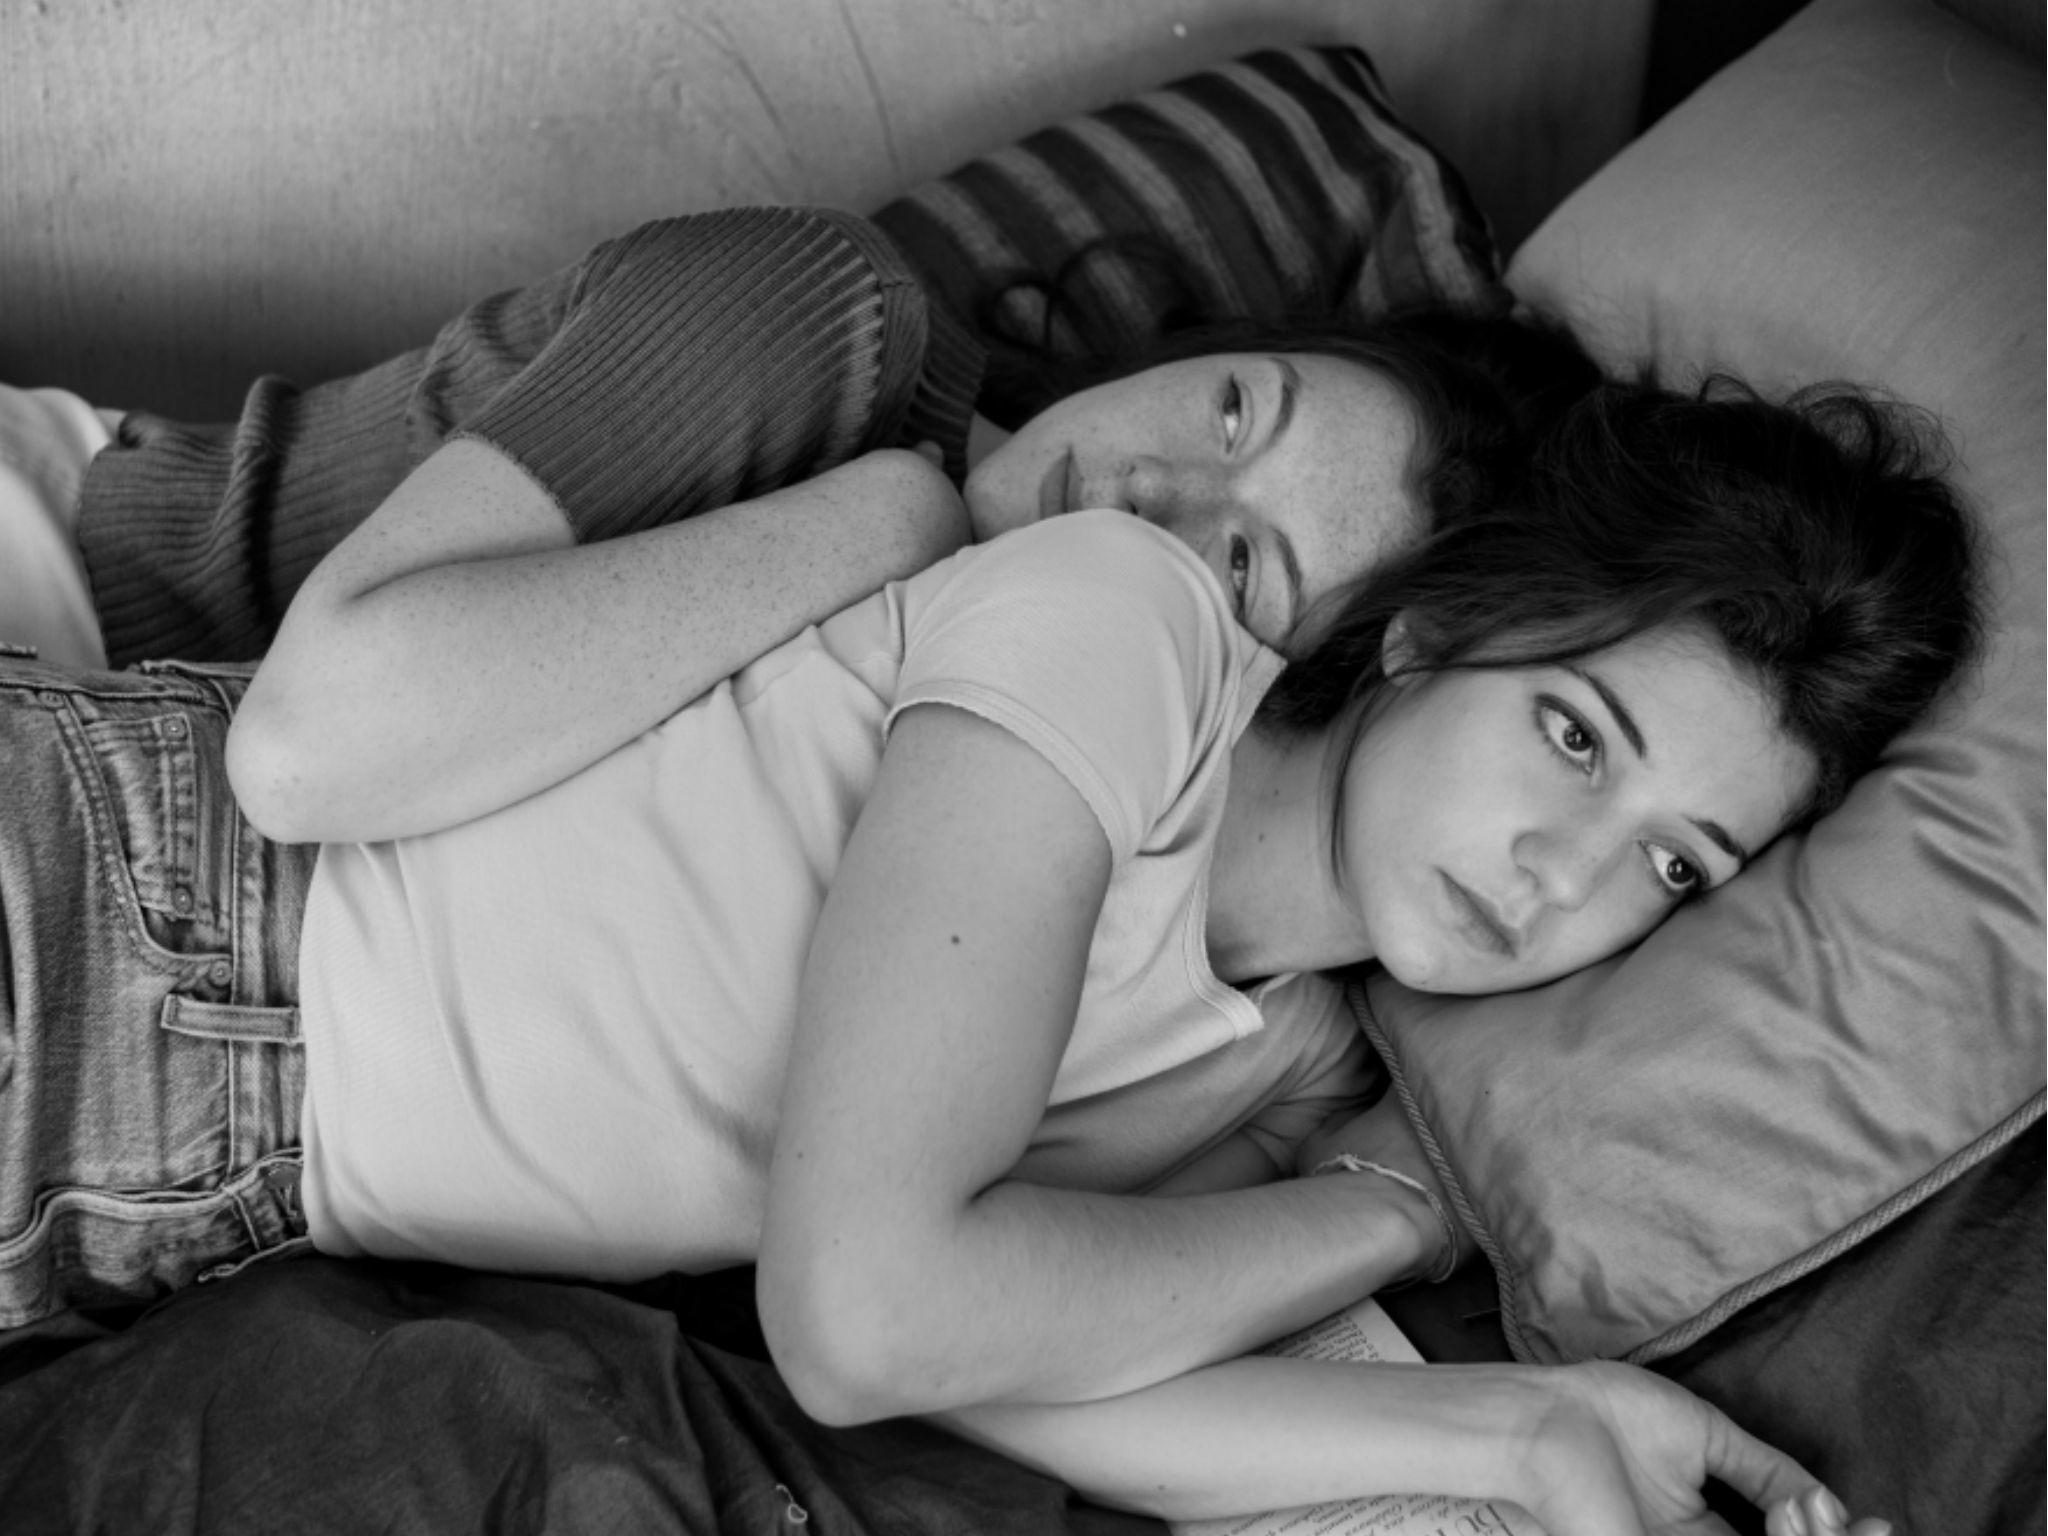 Philippe Garrel, Amante por un día, 64 muestra de la cineteca